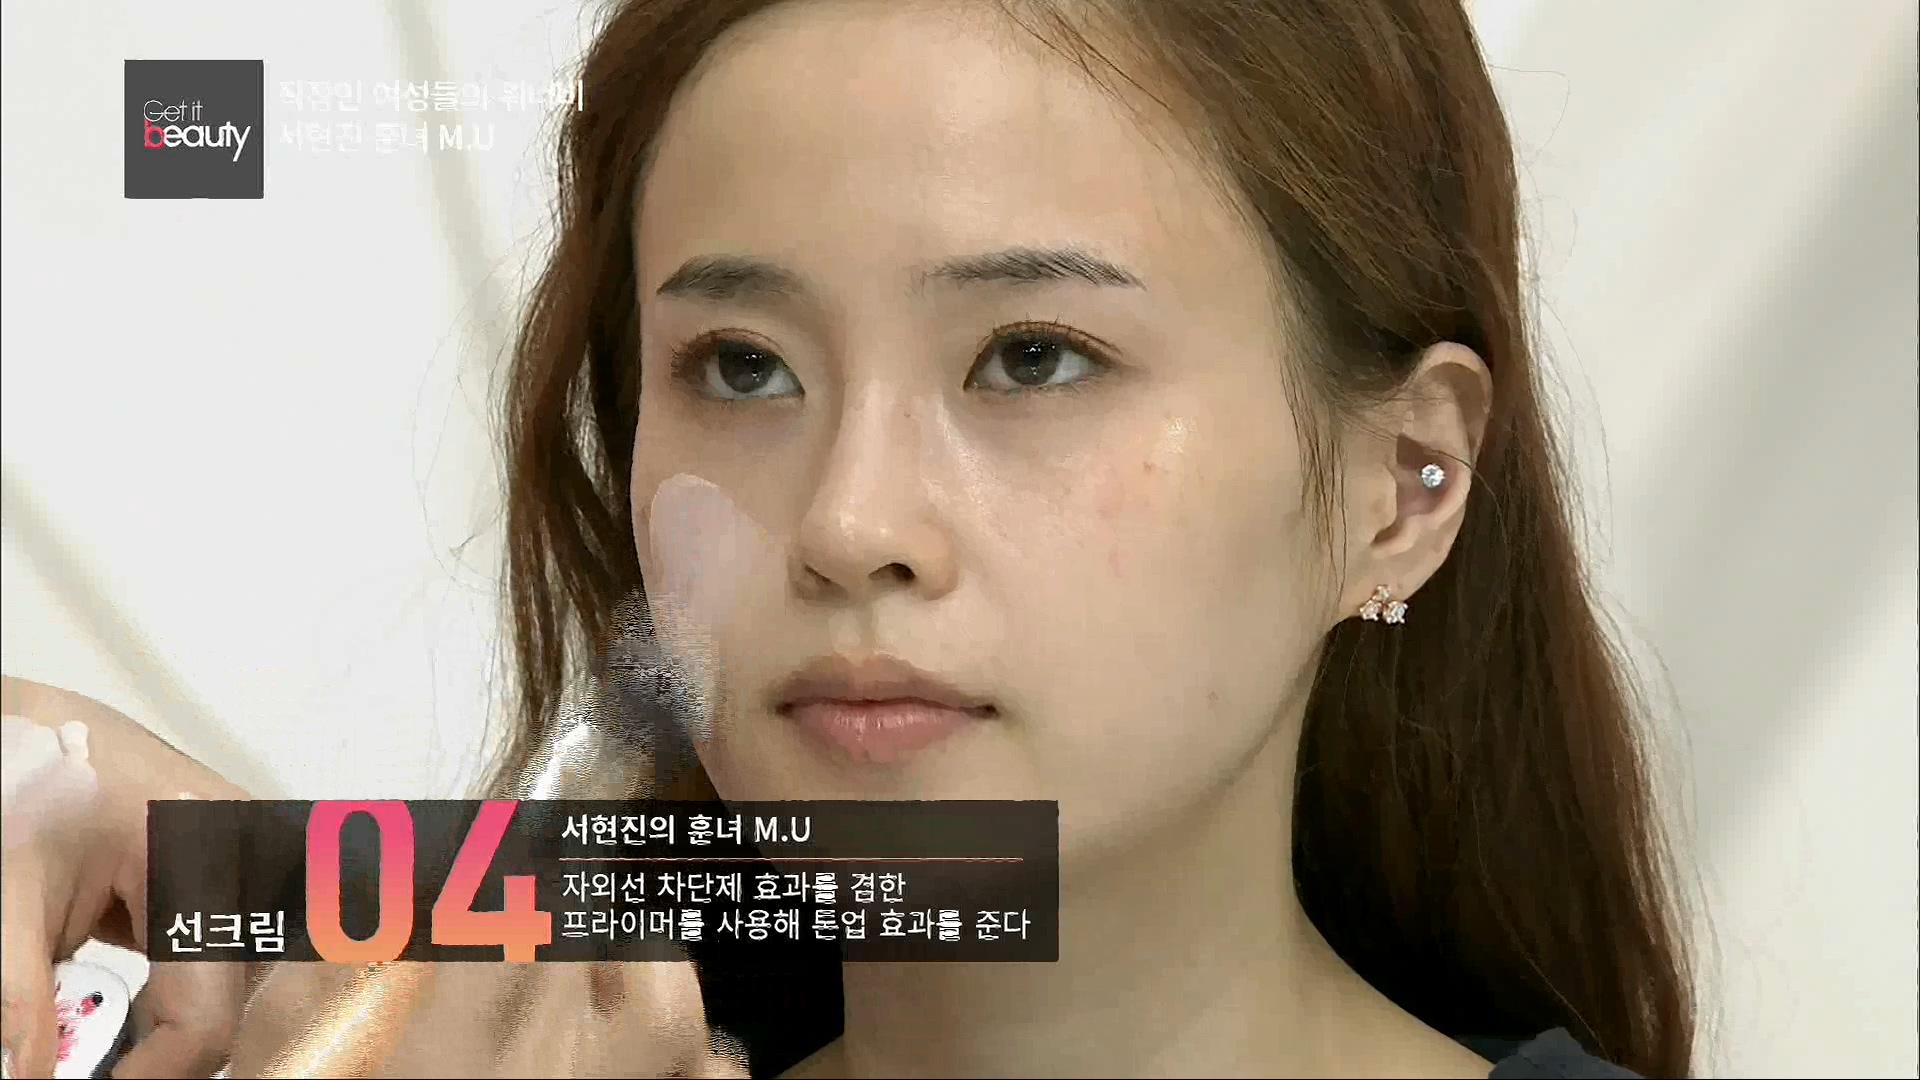 서현진의 훈녀 M.U #선크림 자외선 차단제 효과를 겸한 프라이머를 사용해 톤업 효과를 준다